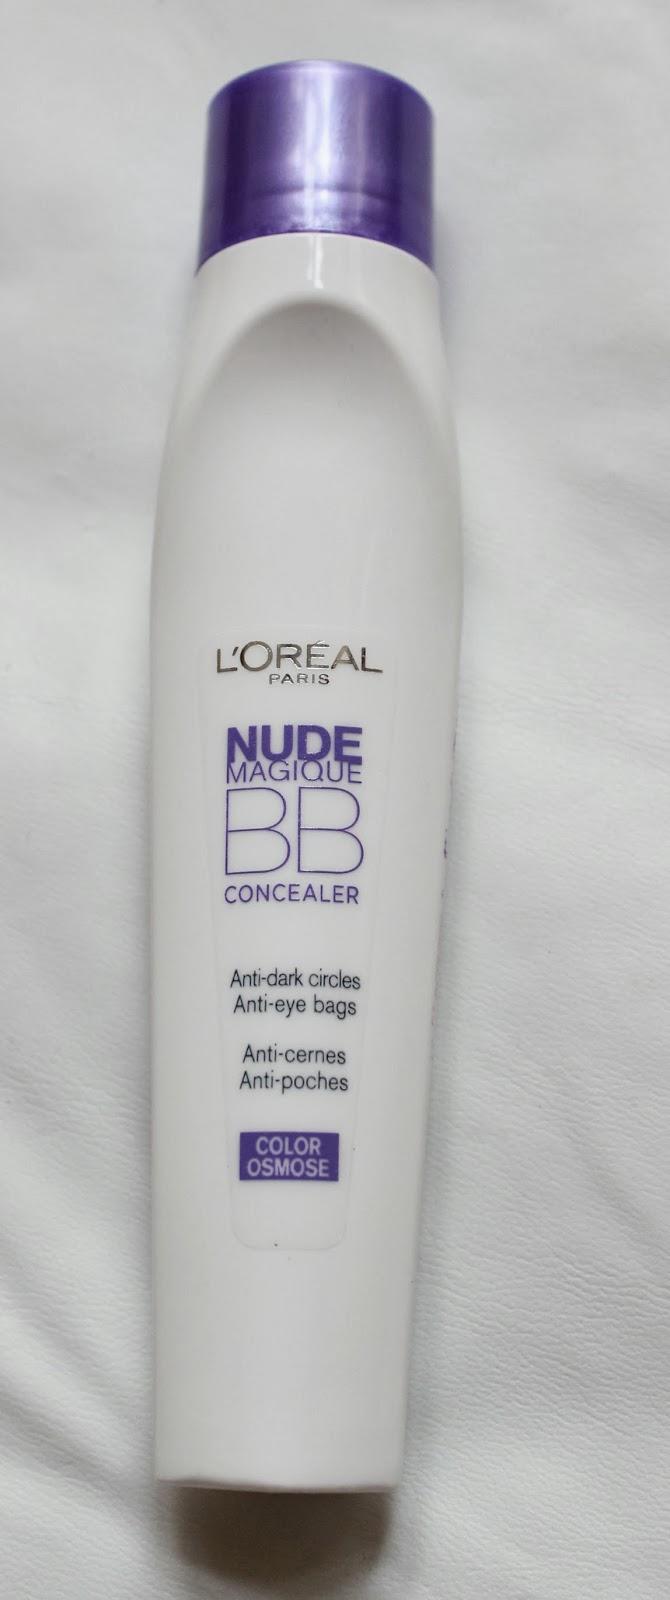 LOreal Paris Nude Magique BB Concealer, review - Monicas